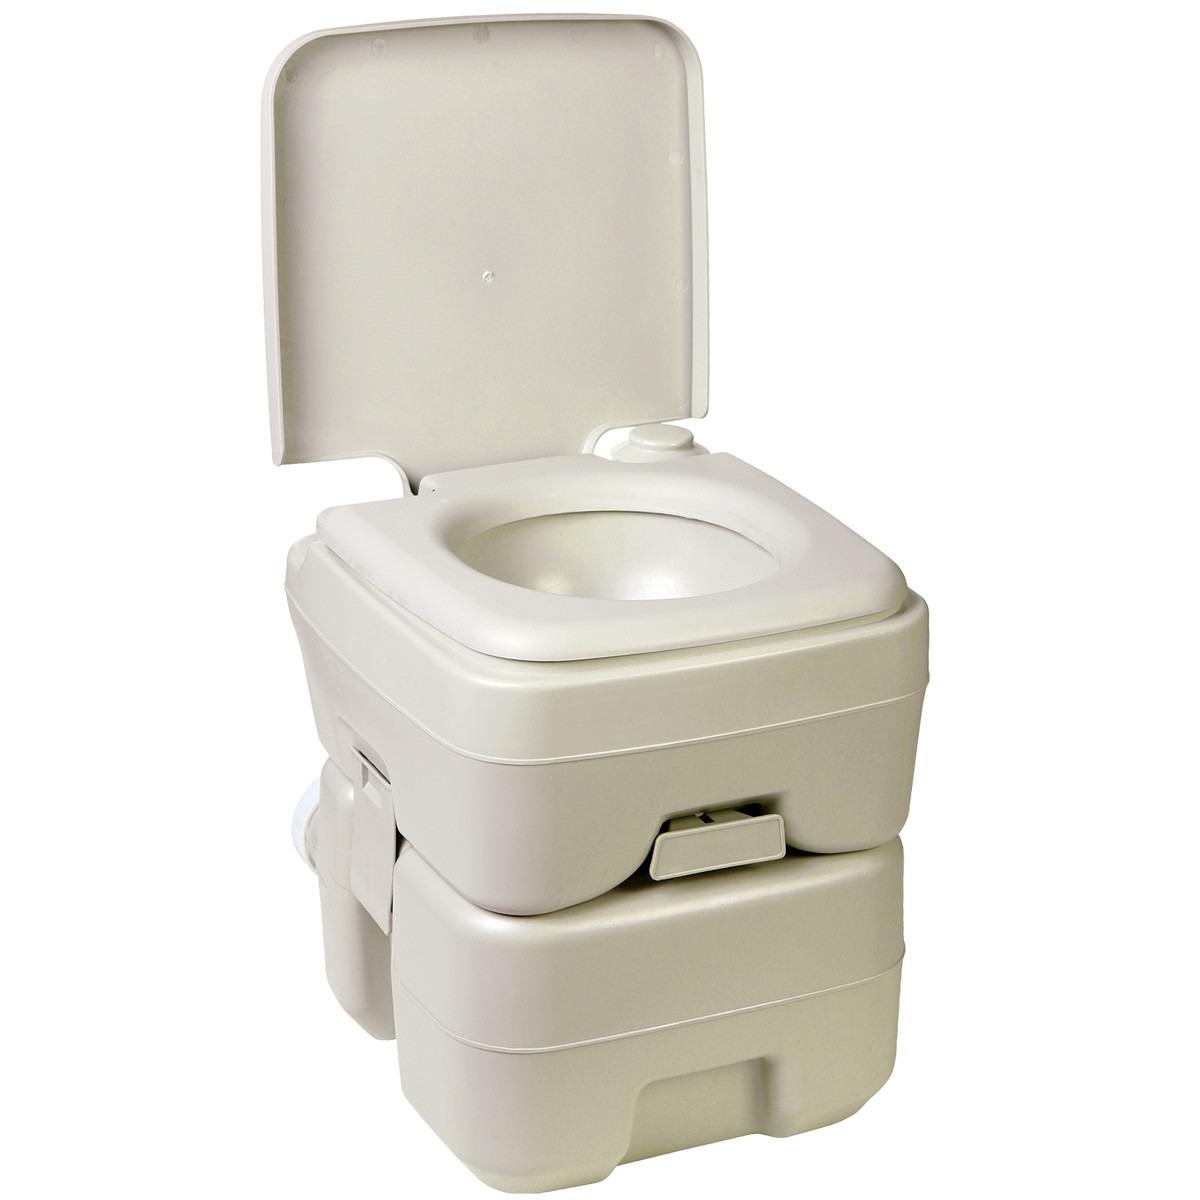 Inodoro waterdog wiq 20 lt ba o portatil prod quimico x 2 en mercado libre - Bano quimico portatil ...